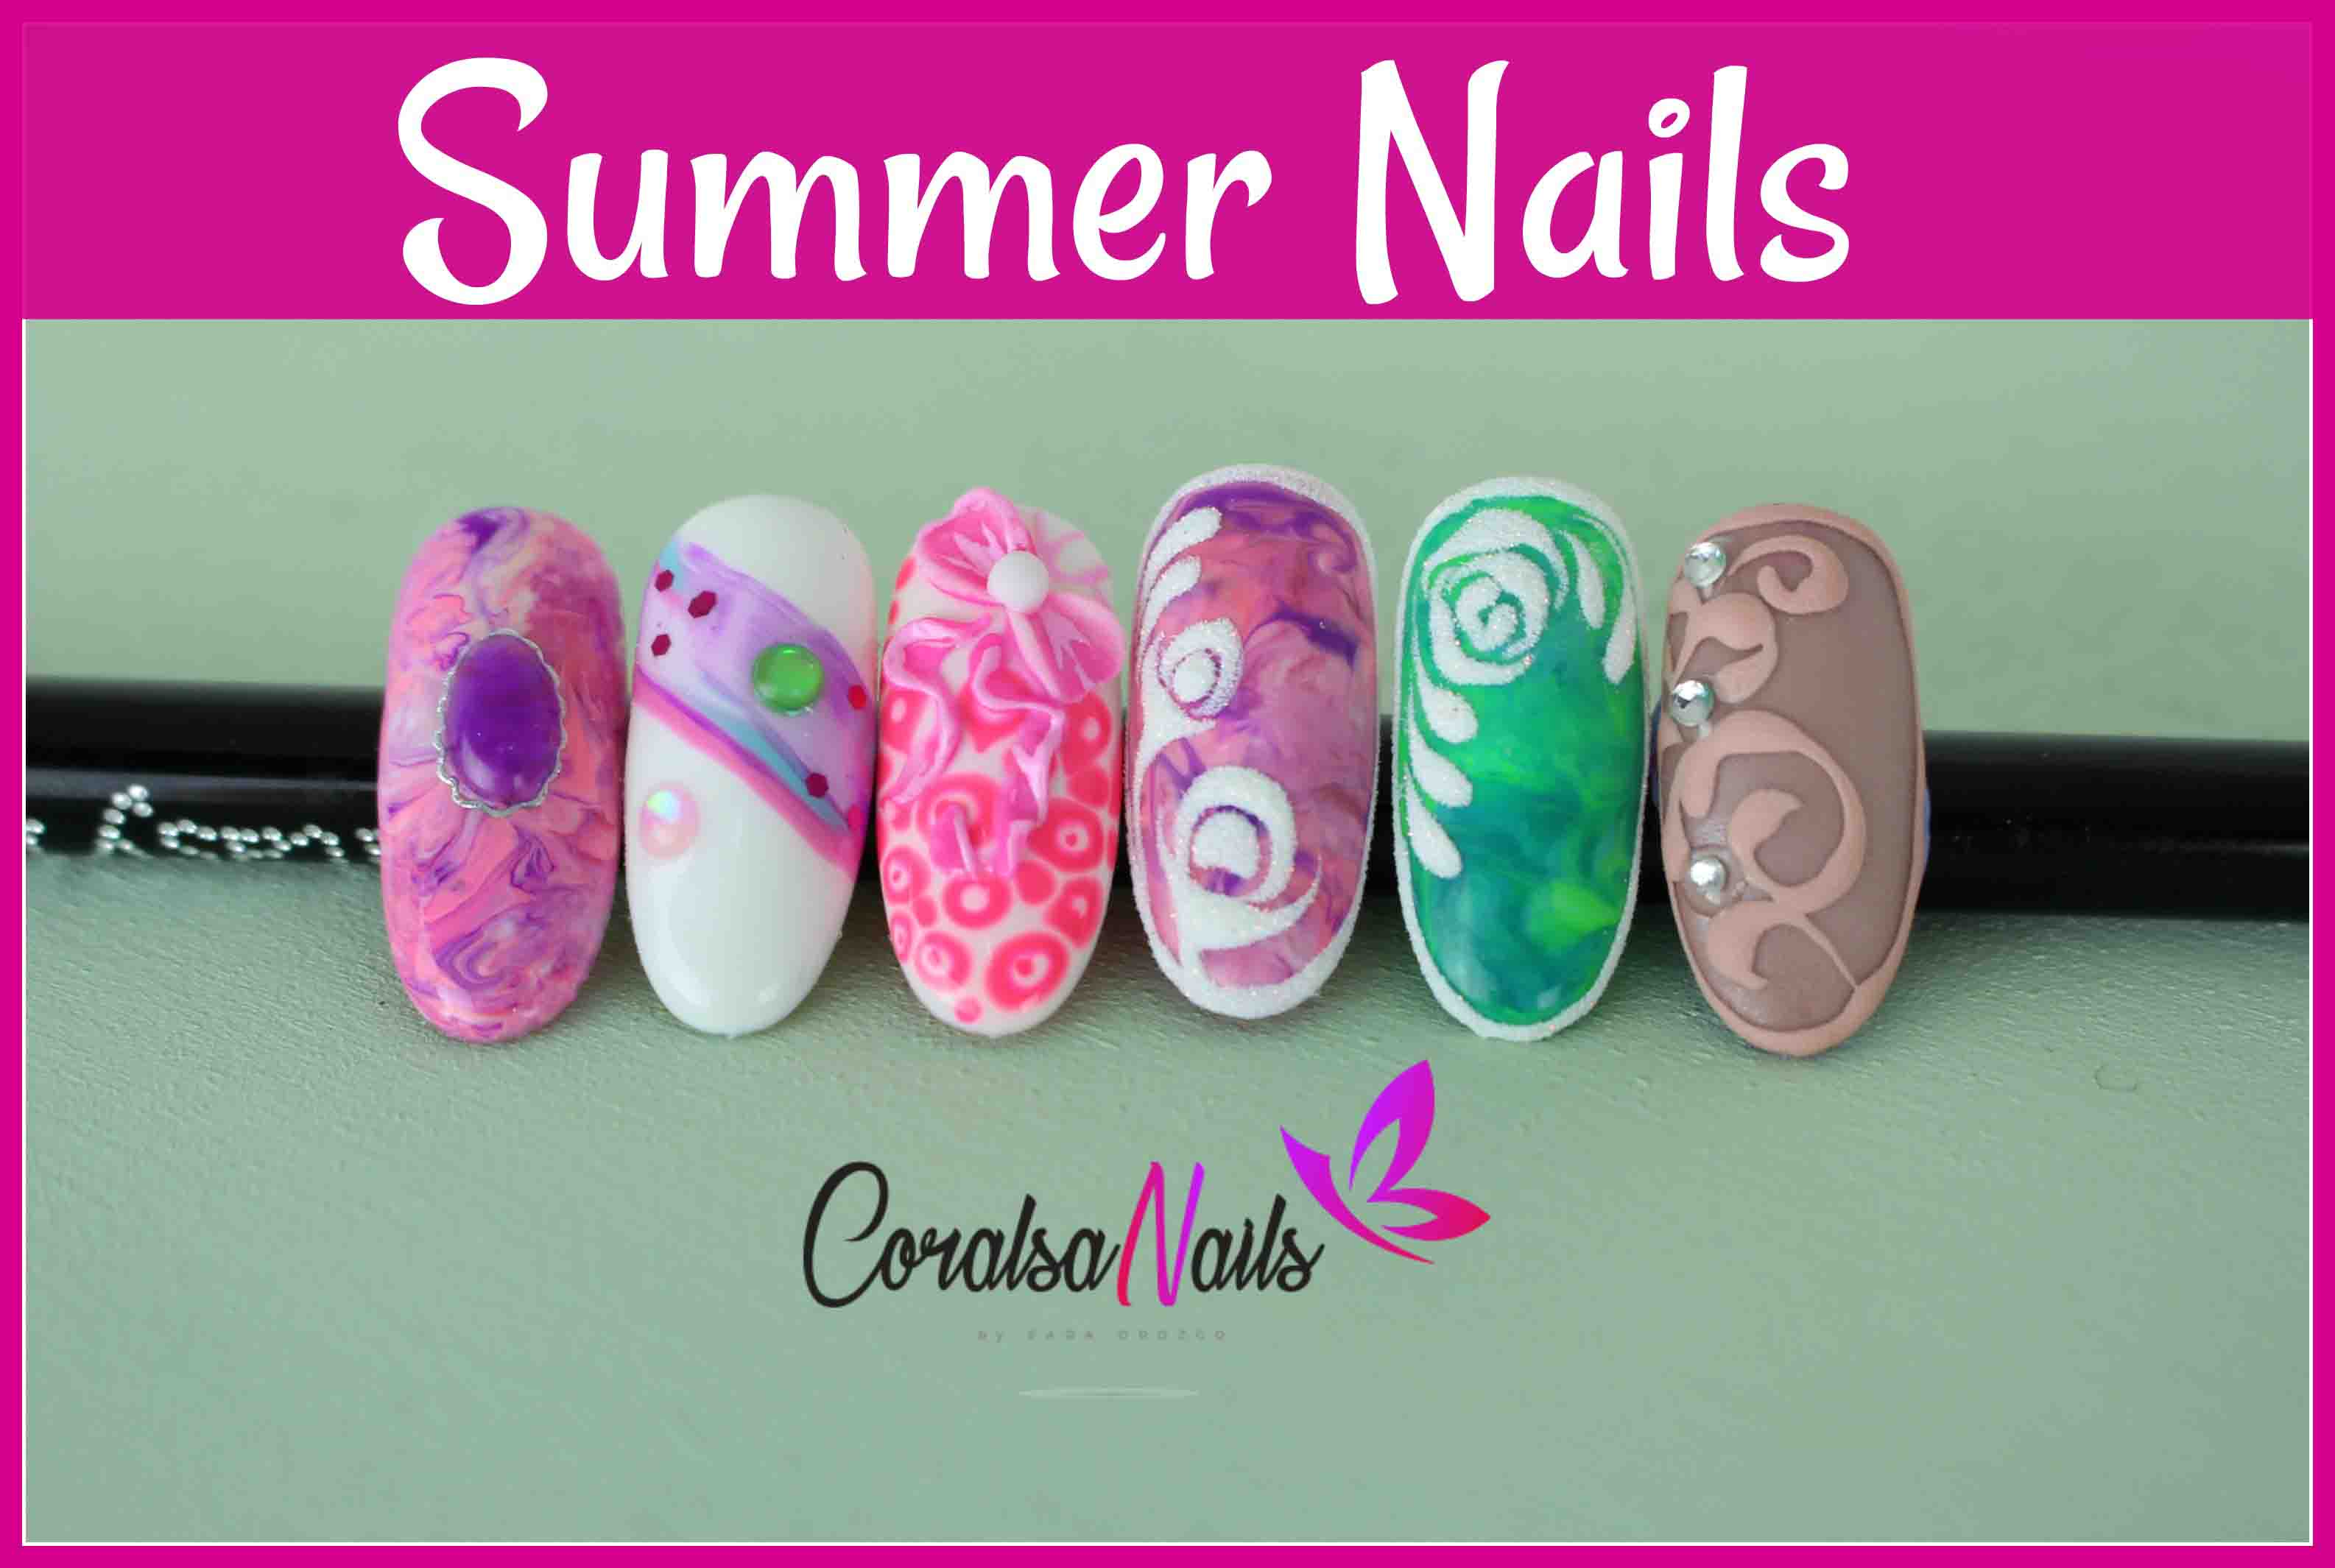 Como decorar tus uñas para este verano - CoralsaNails®